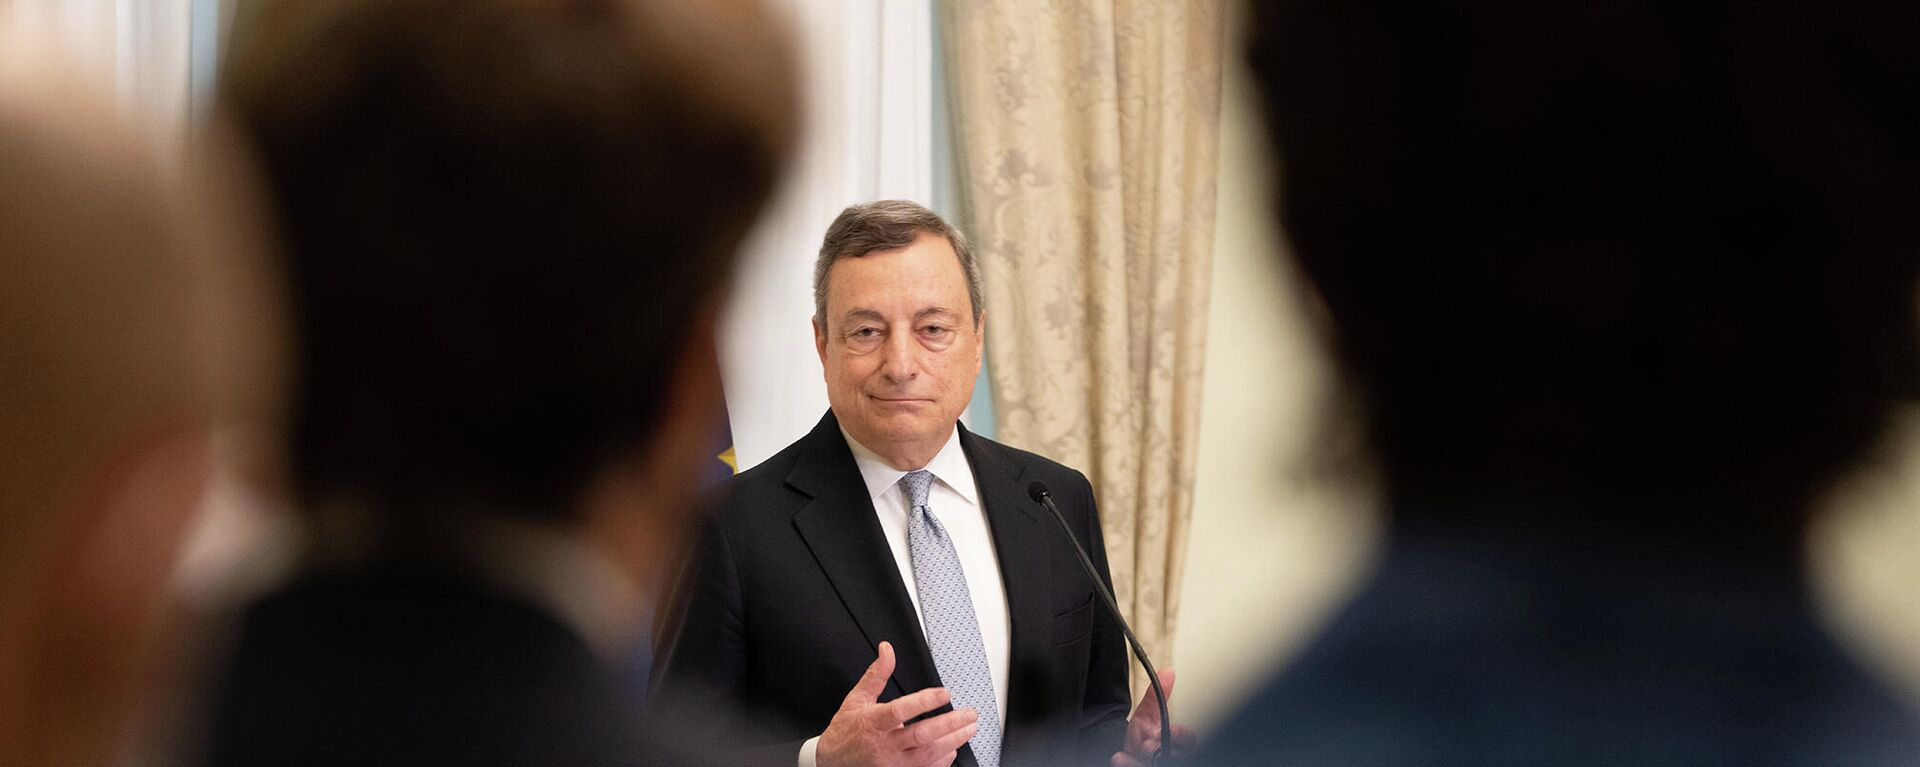 Il Premier Draghi incontra i giornalisti a Palazzo Chigi prima della pausa estiva - Sputnik Italia, 1920, 06.08.2021